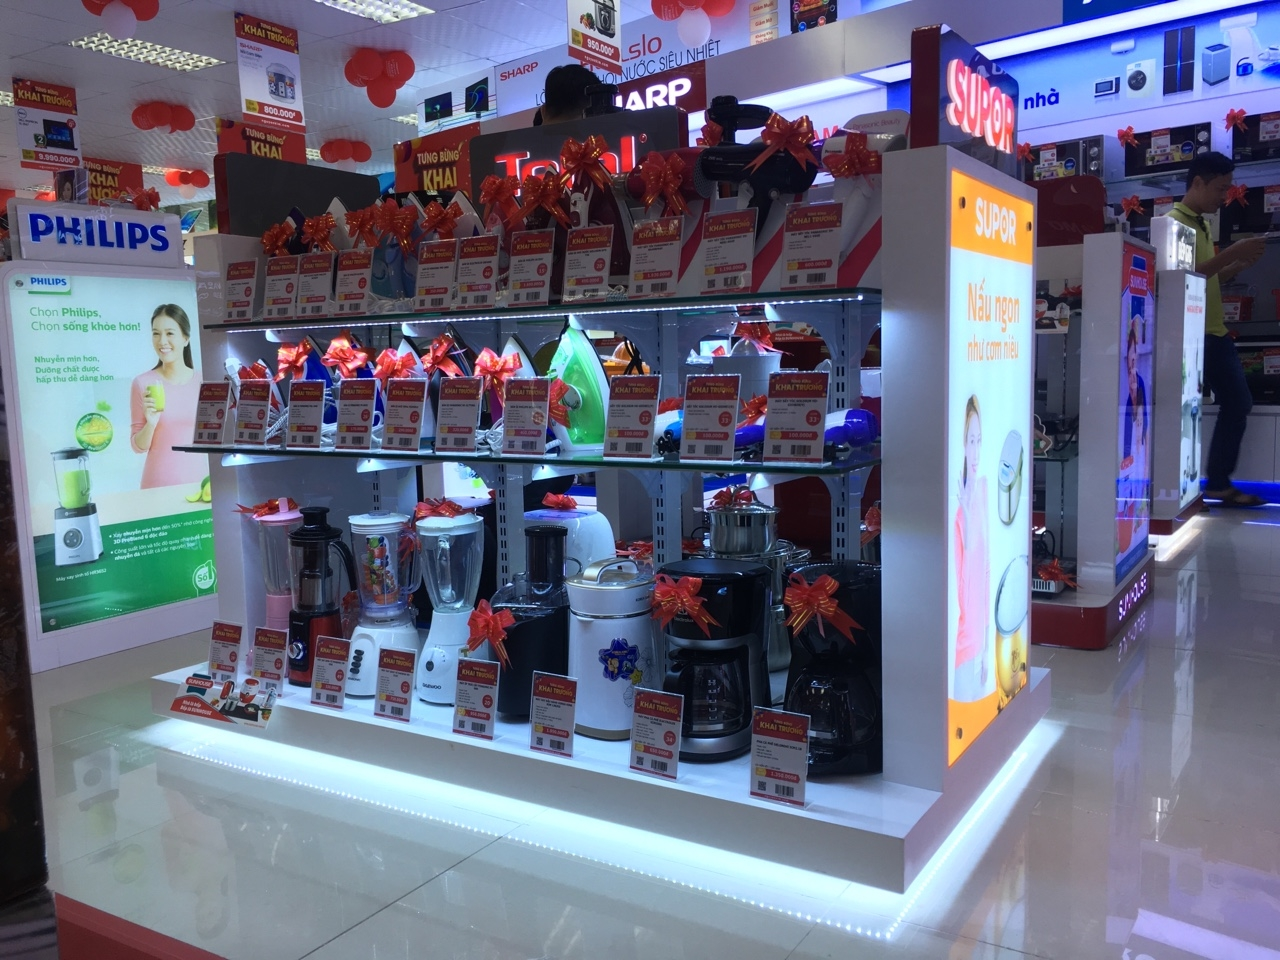 Kệ trưng bày sản phẩm Supor